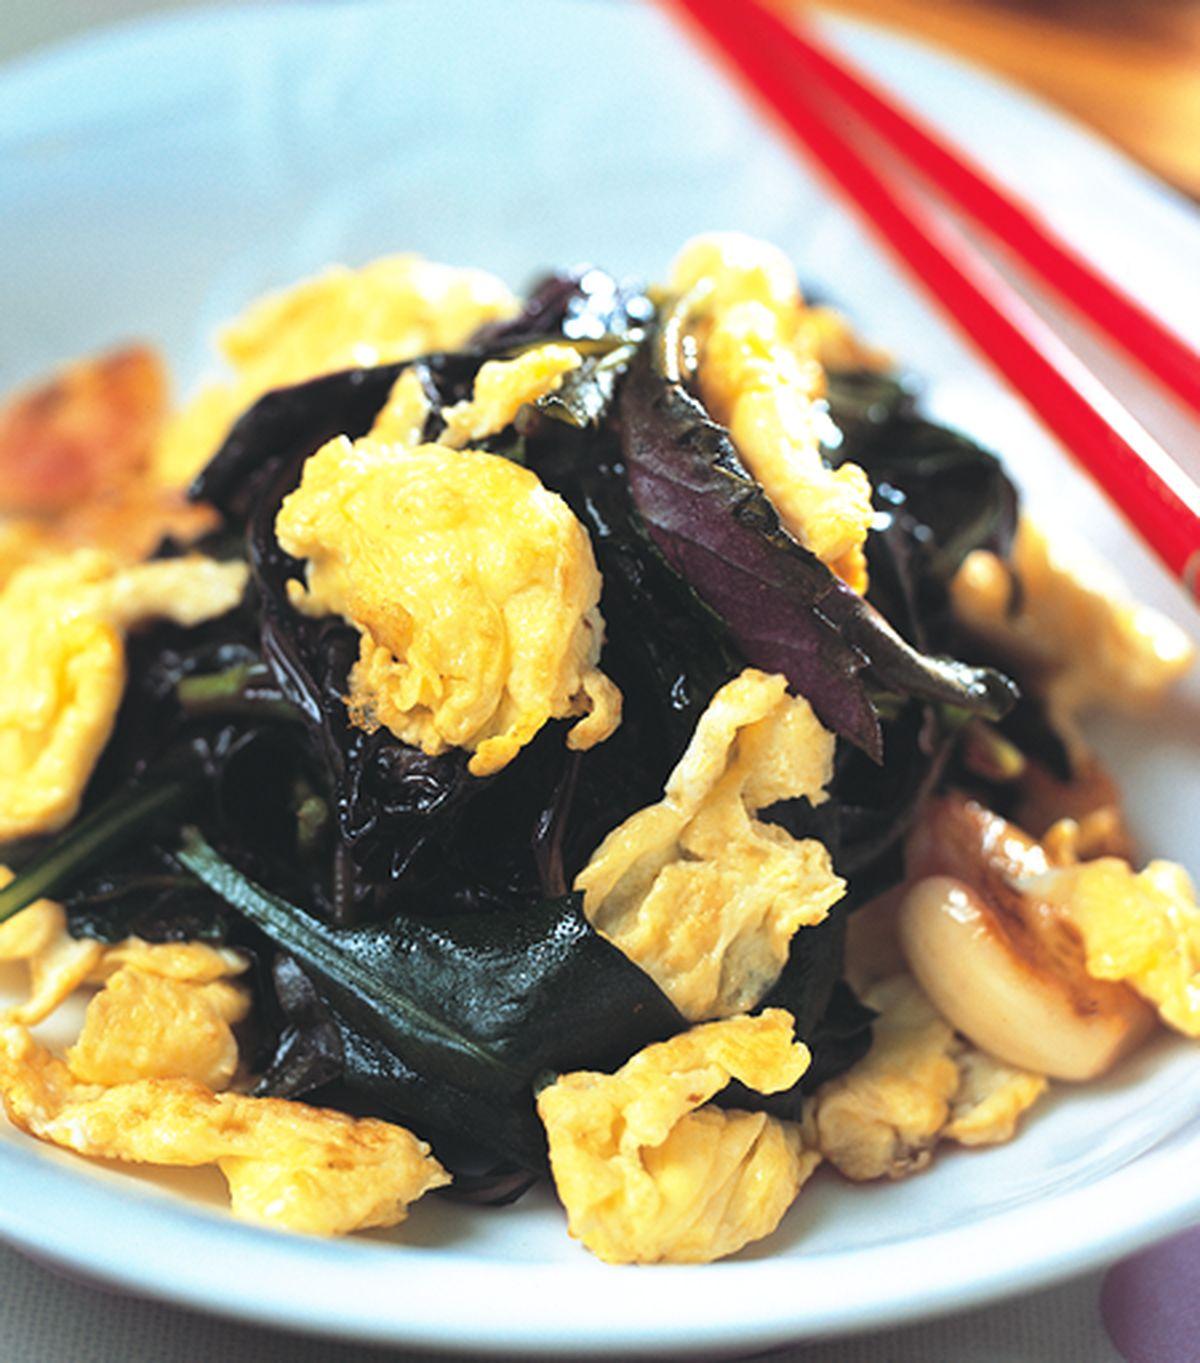 食譜:紅鳳菜炒蛋